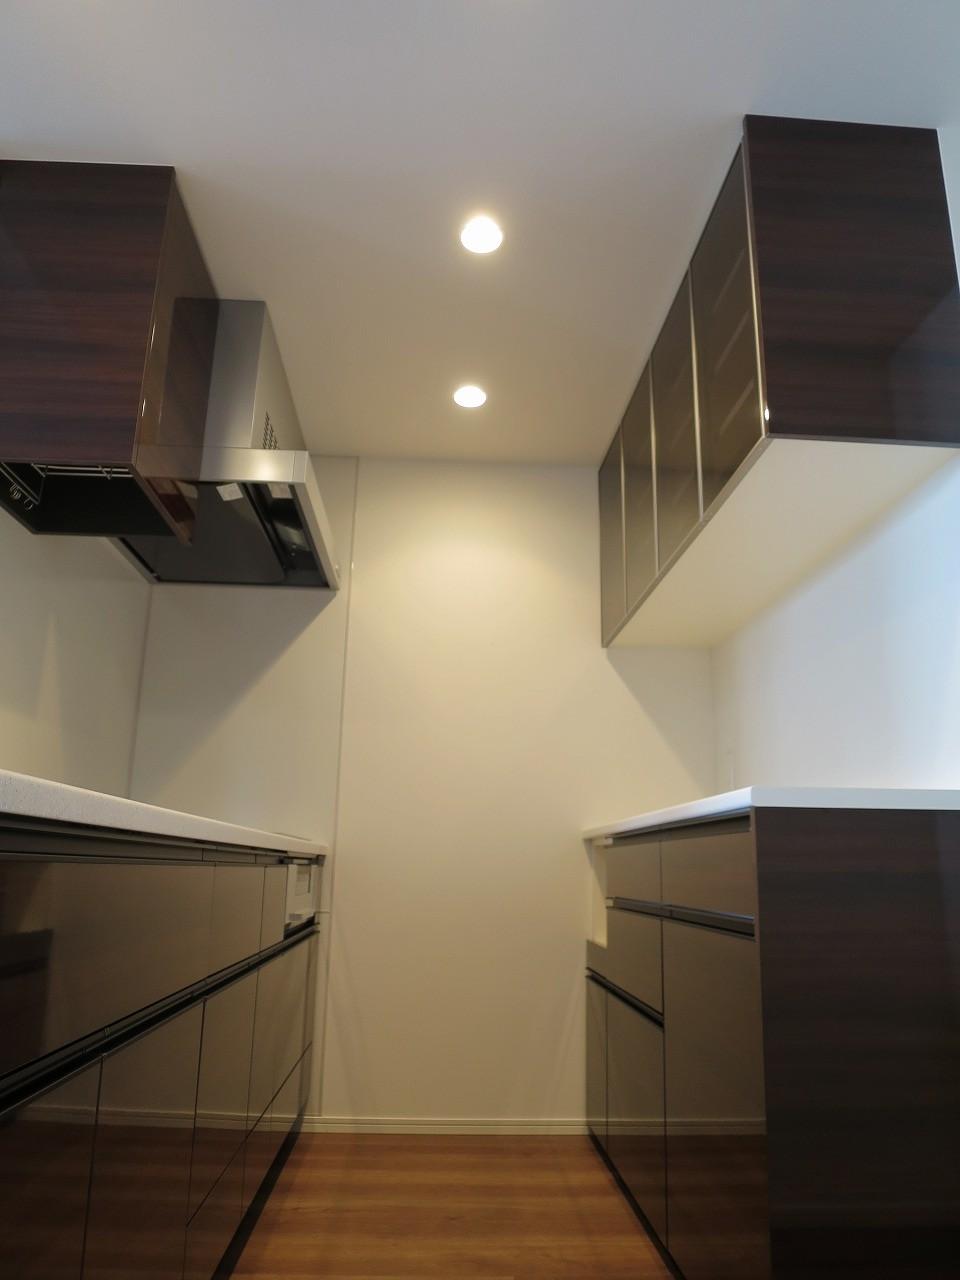 オーダー食器棚にサイドパネルは必要?施工画像で見た目を比較!